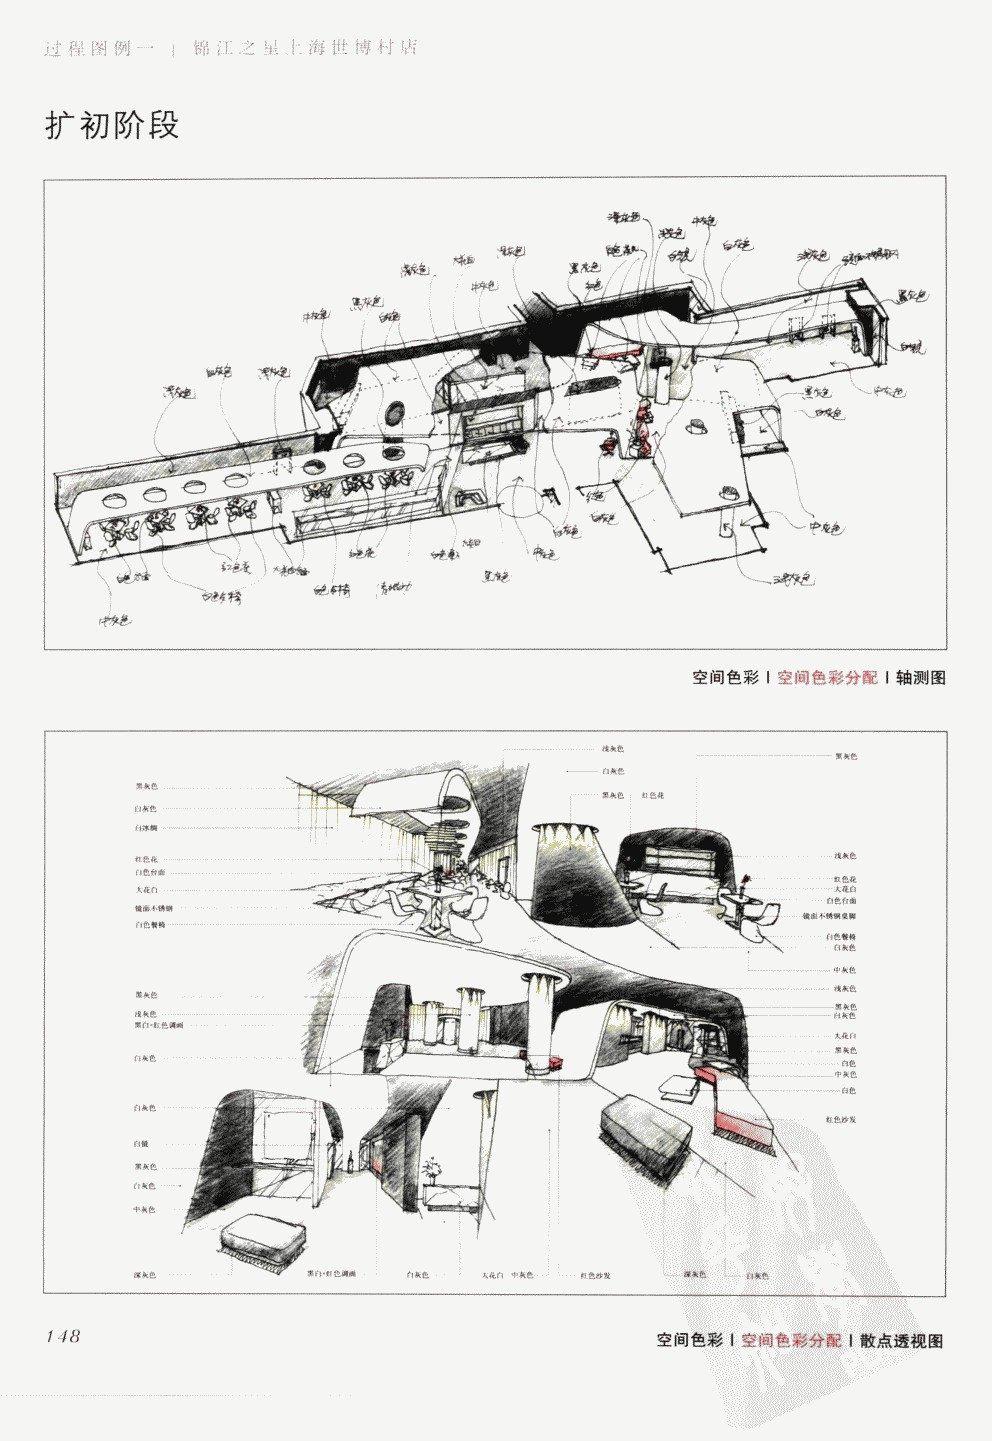 室内设计纲要++概念思考与过程表达_室内设计纲要  概念思考与过程表达_1297982..._页面_156.jpg